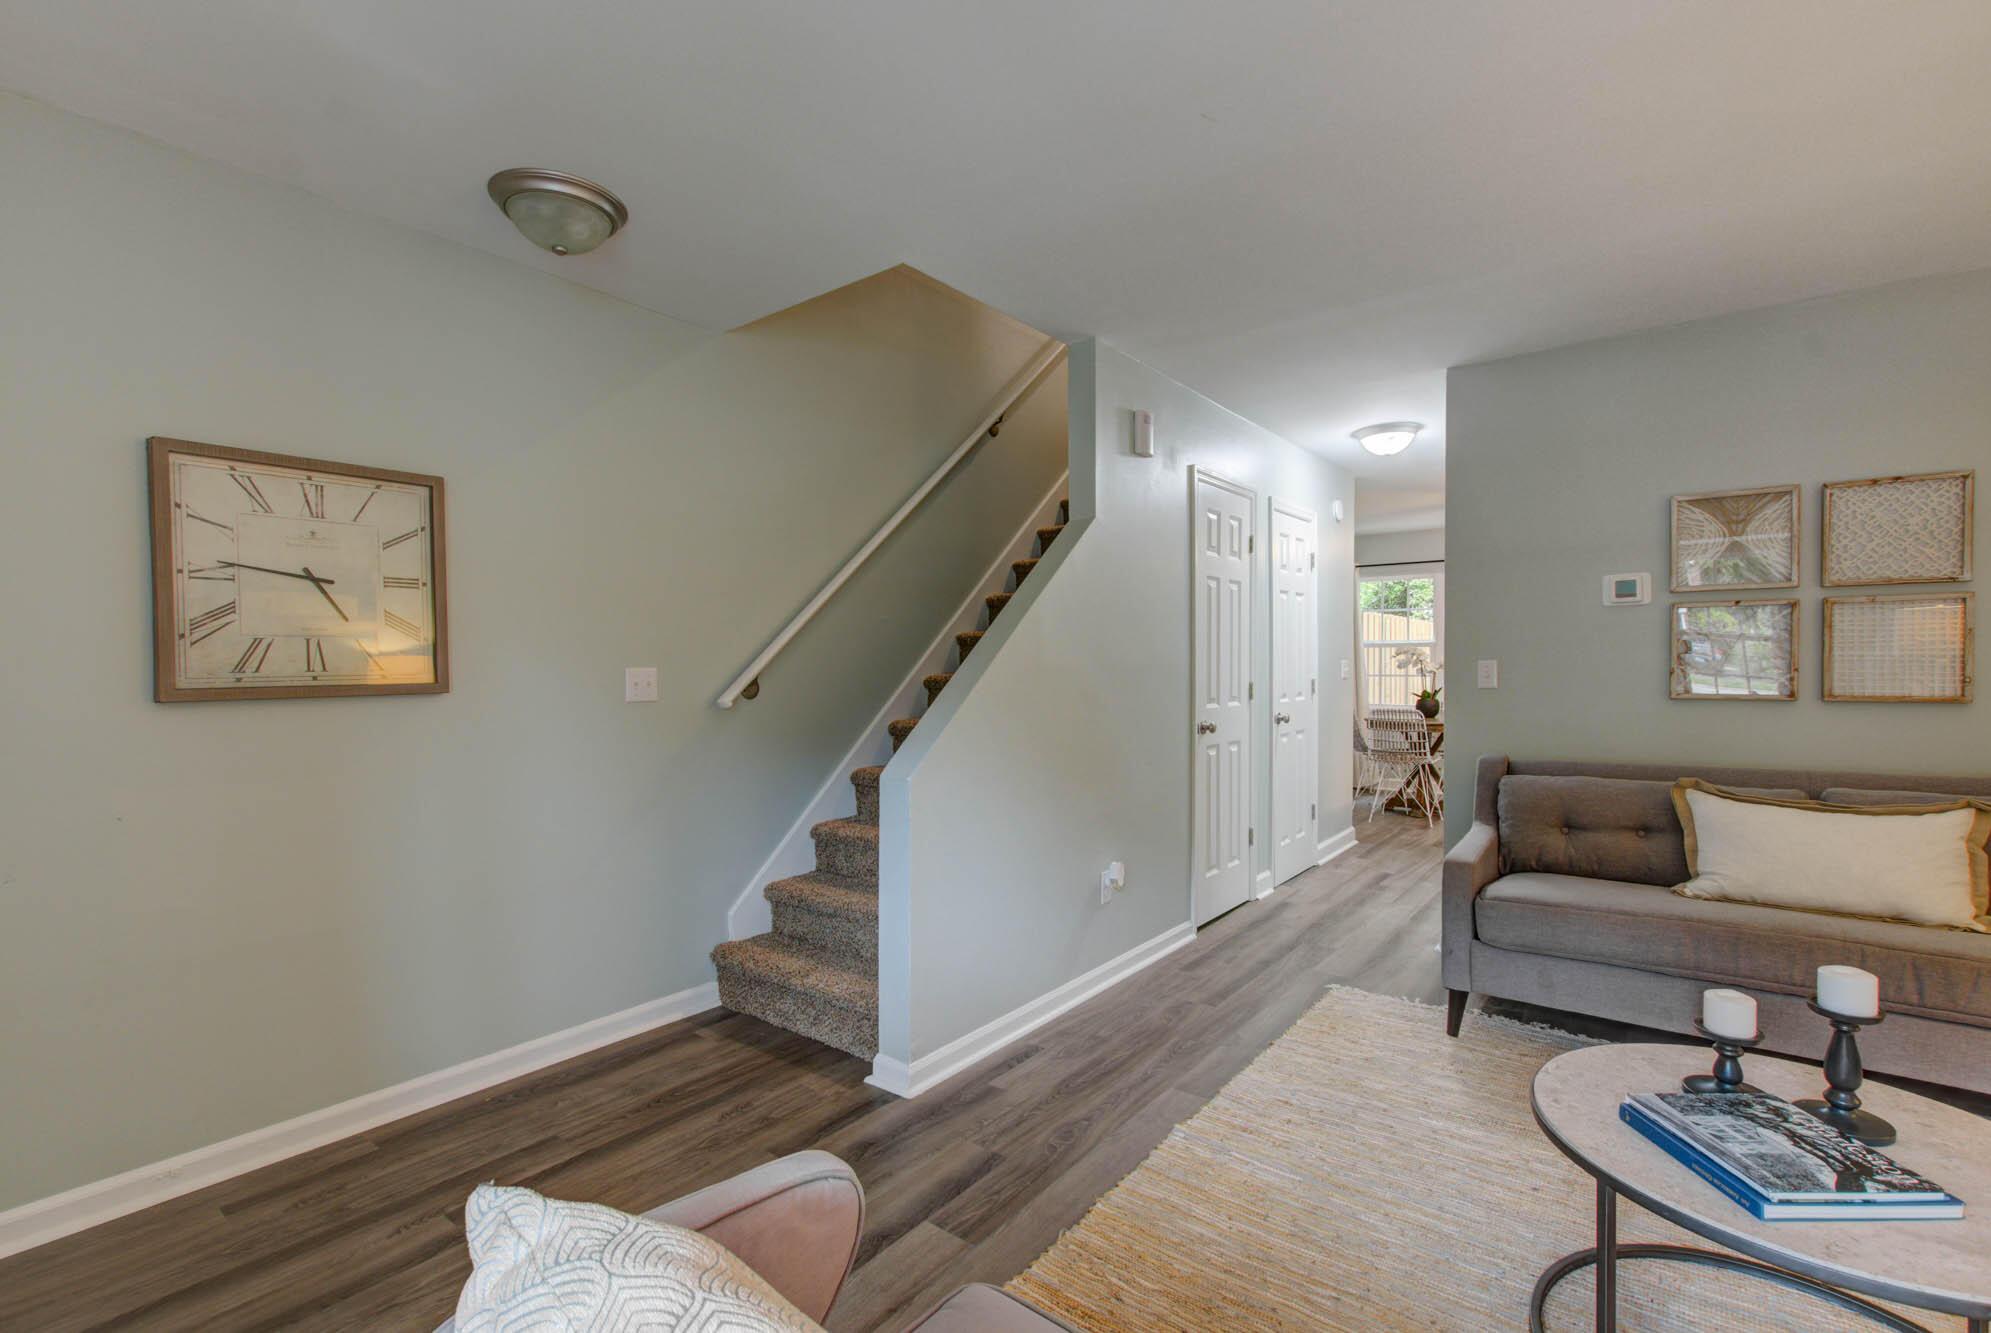 Wando East Homes For Sale - 1524 Nantahala, Mount Pleasant, SC - 9